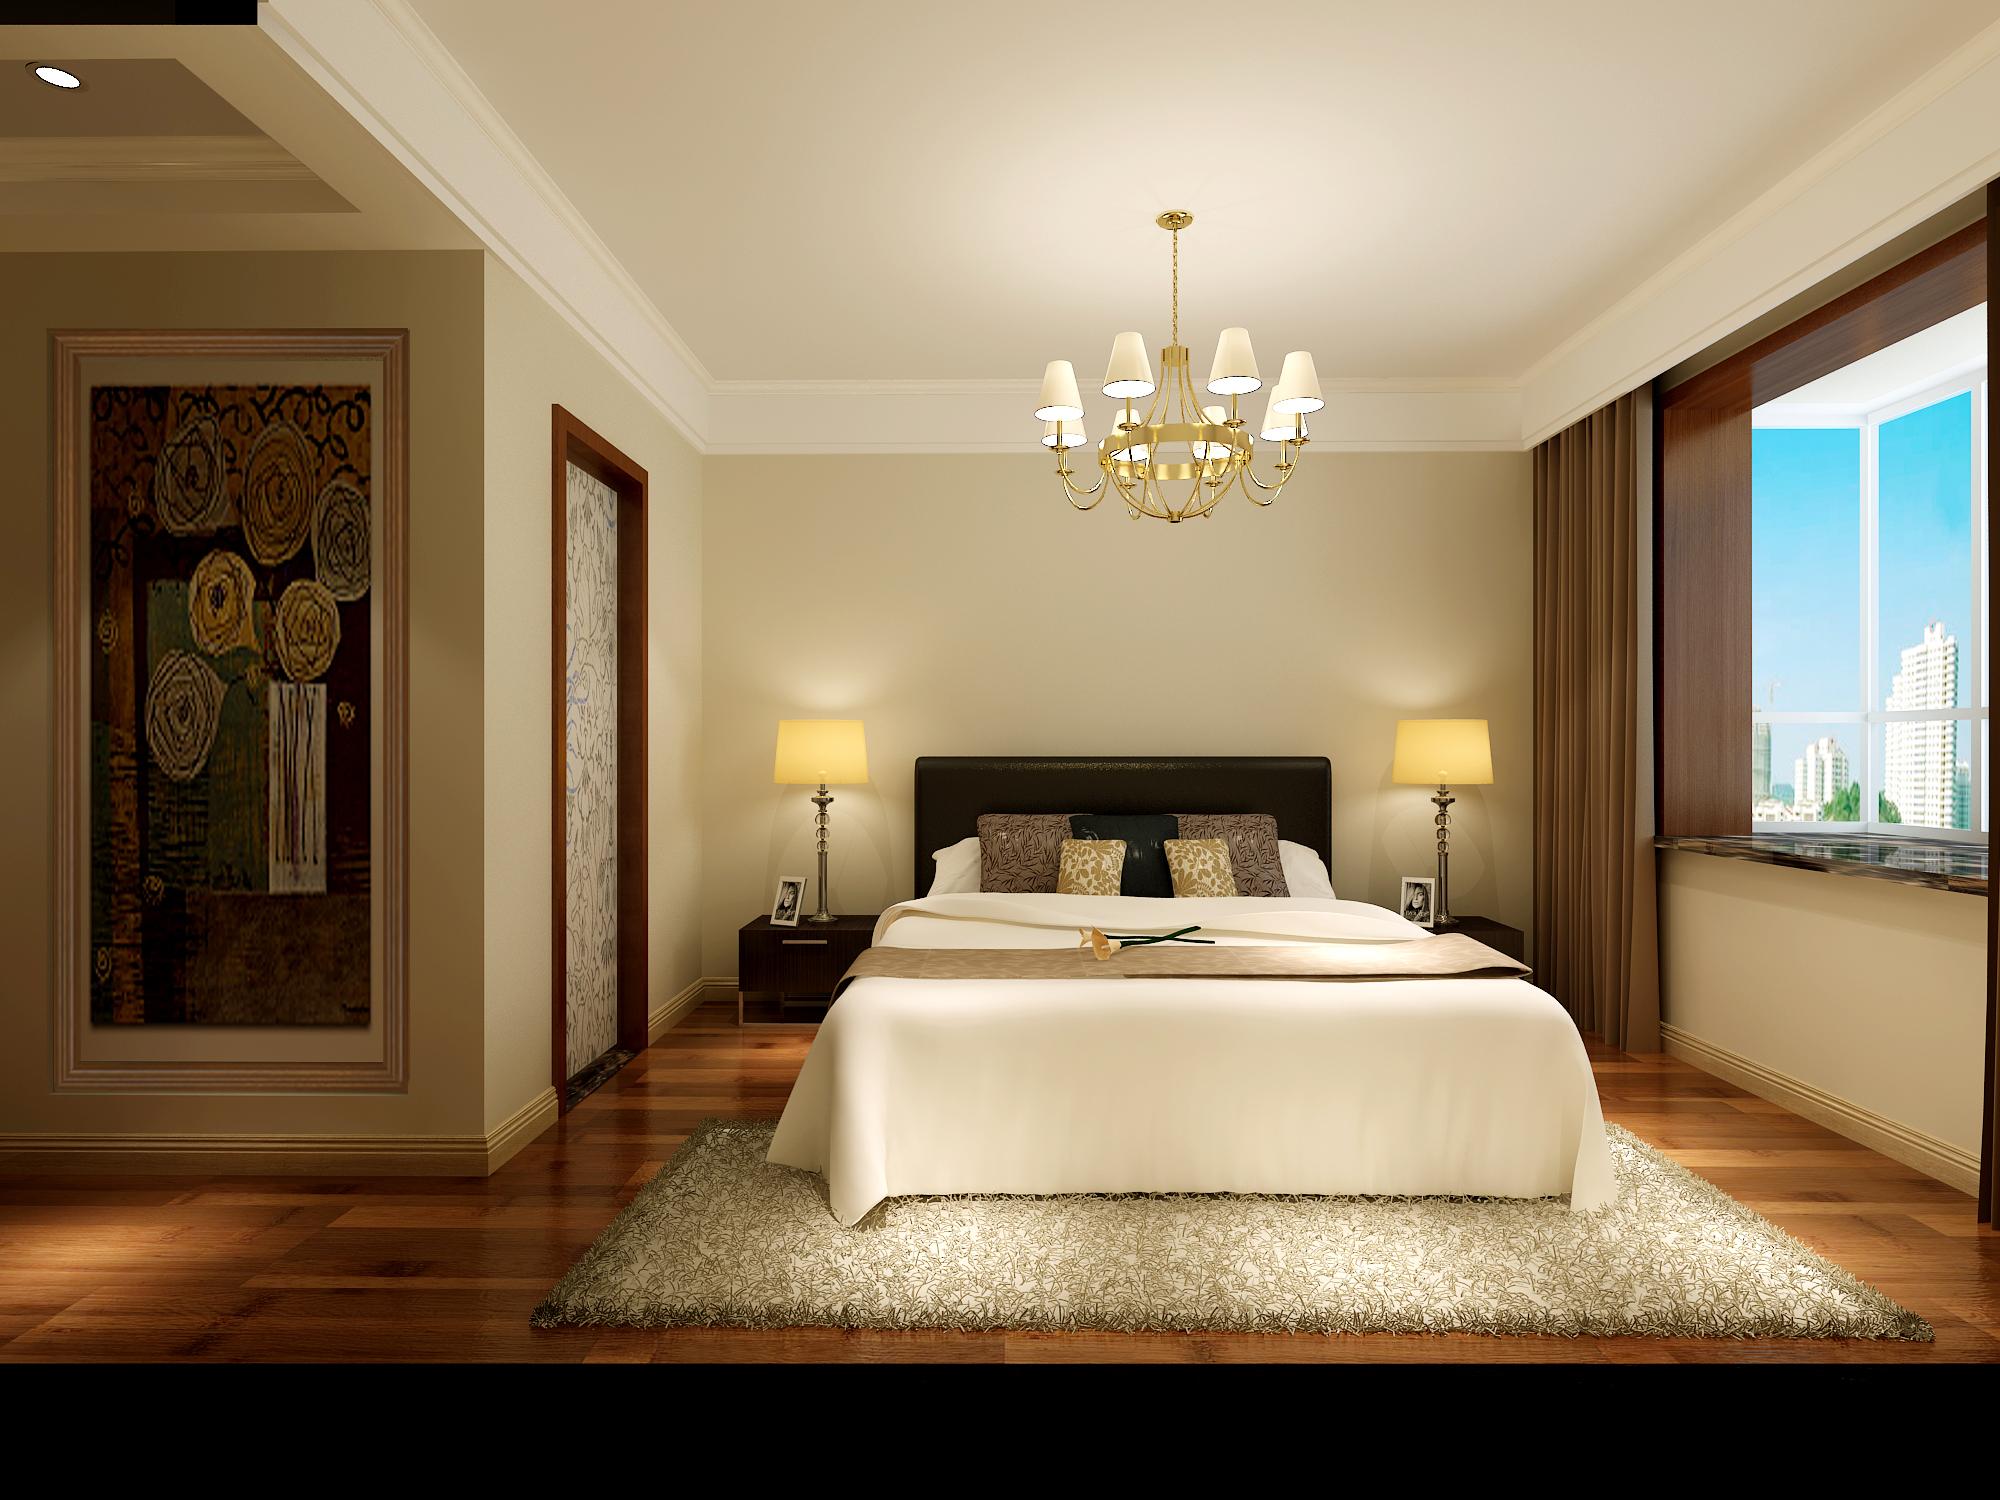 简约 二居 卧室图片来自业之峰太原分公司在简洁温馨舒适的分享